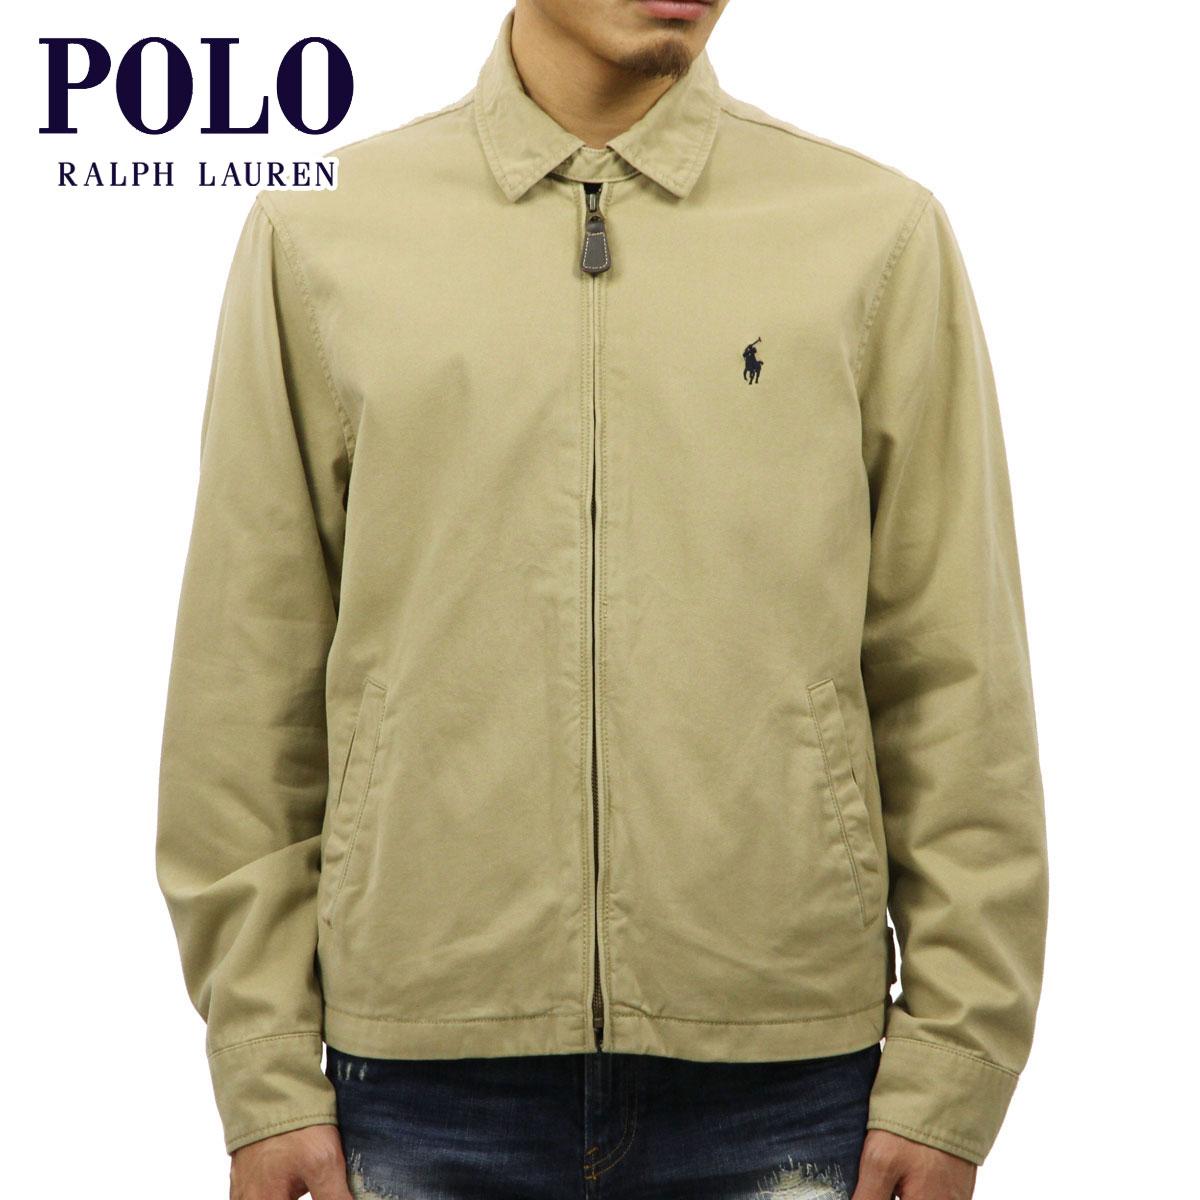 ポロ ラルフローレン ジャケット メンズ 正規品 POLO RALPH LAUREN アウター スイングジャケット PRL-NYC カーキ D00S20